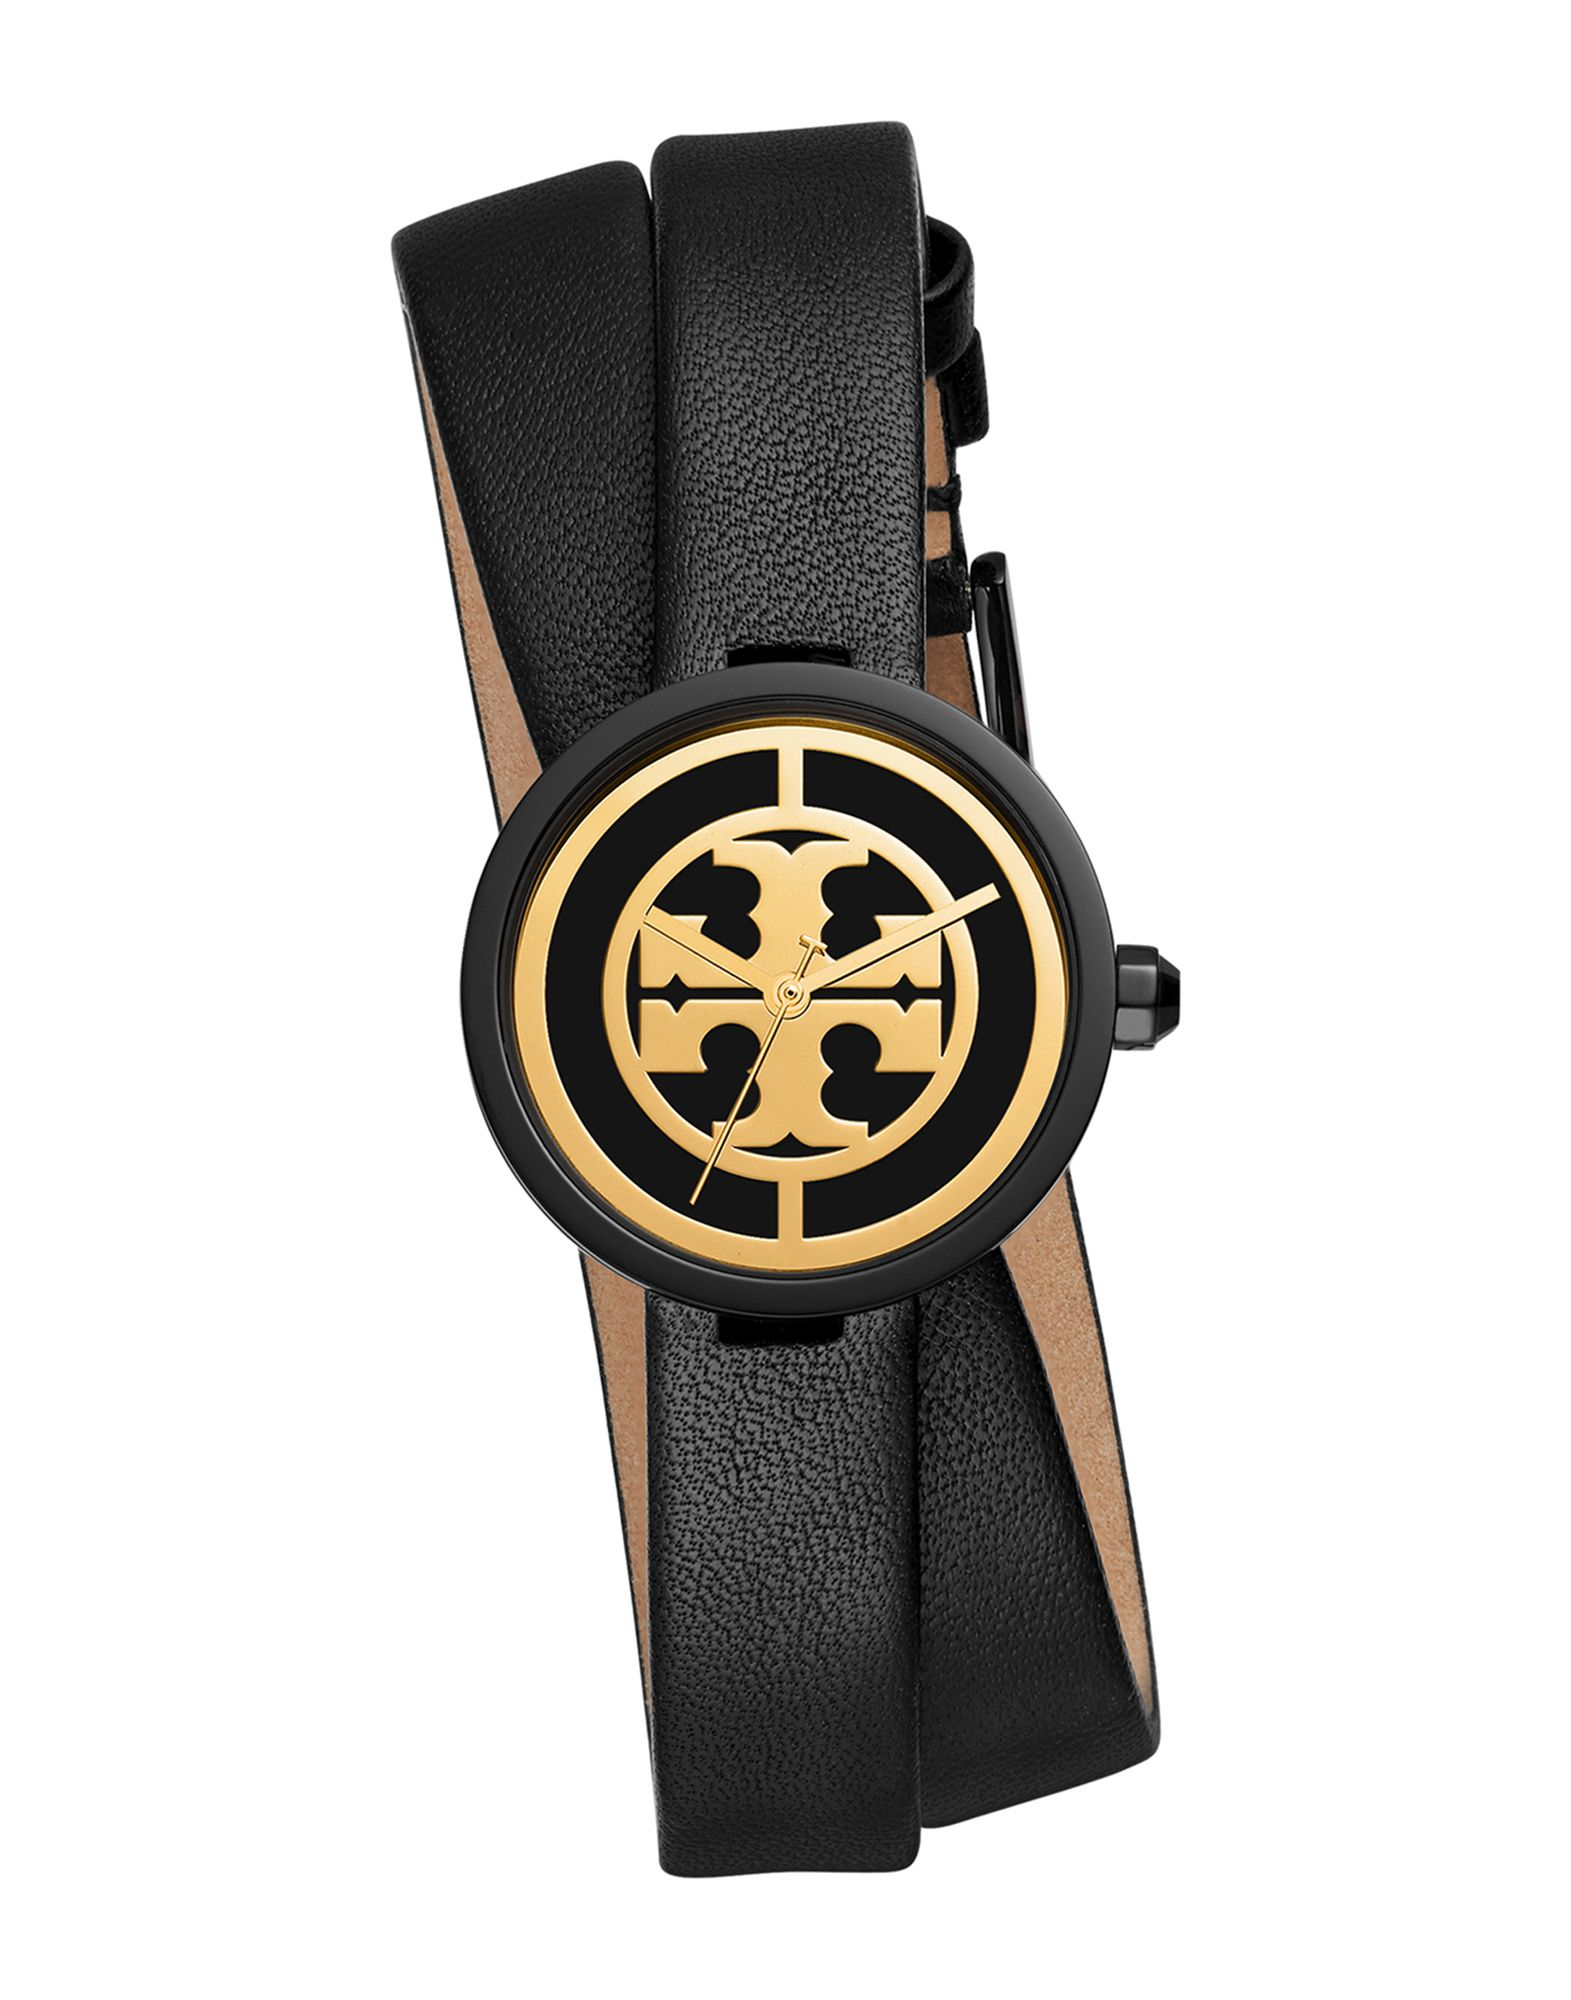 цена TORY BURCH Наручные часы онлайн в 2017 году